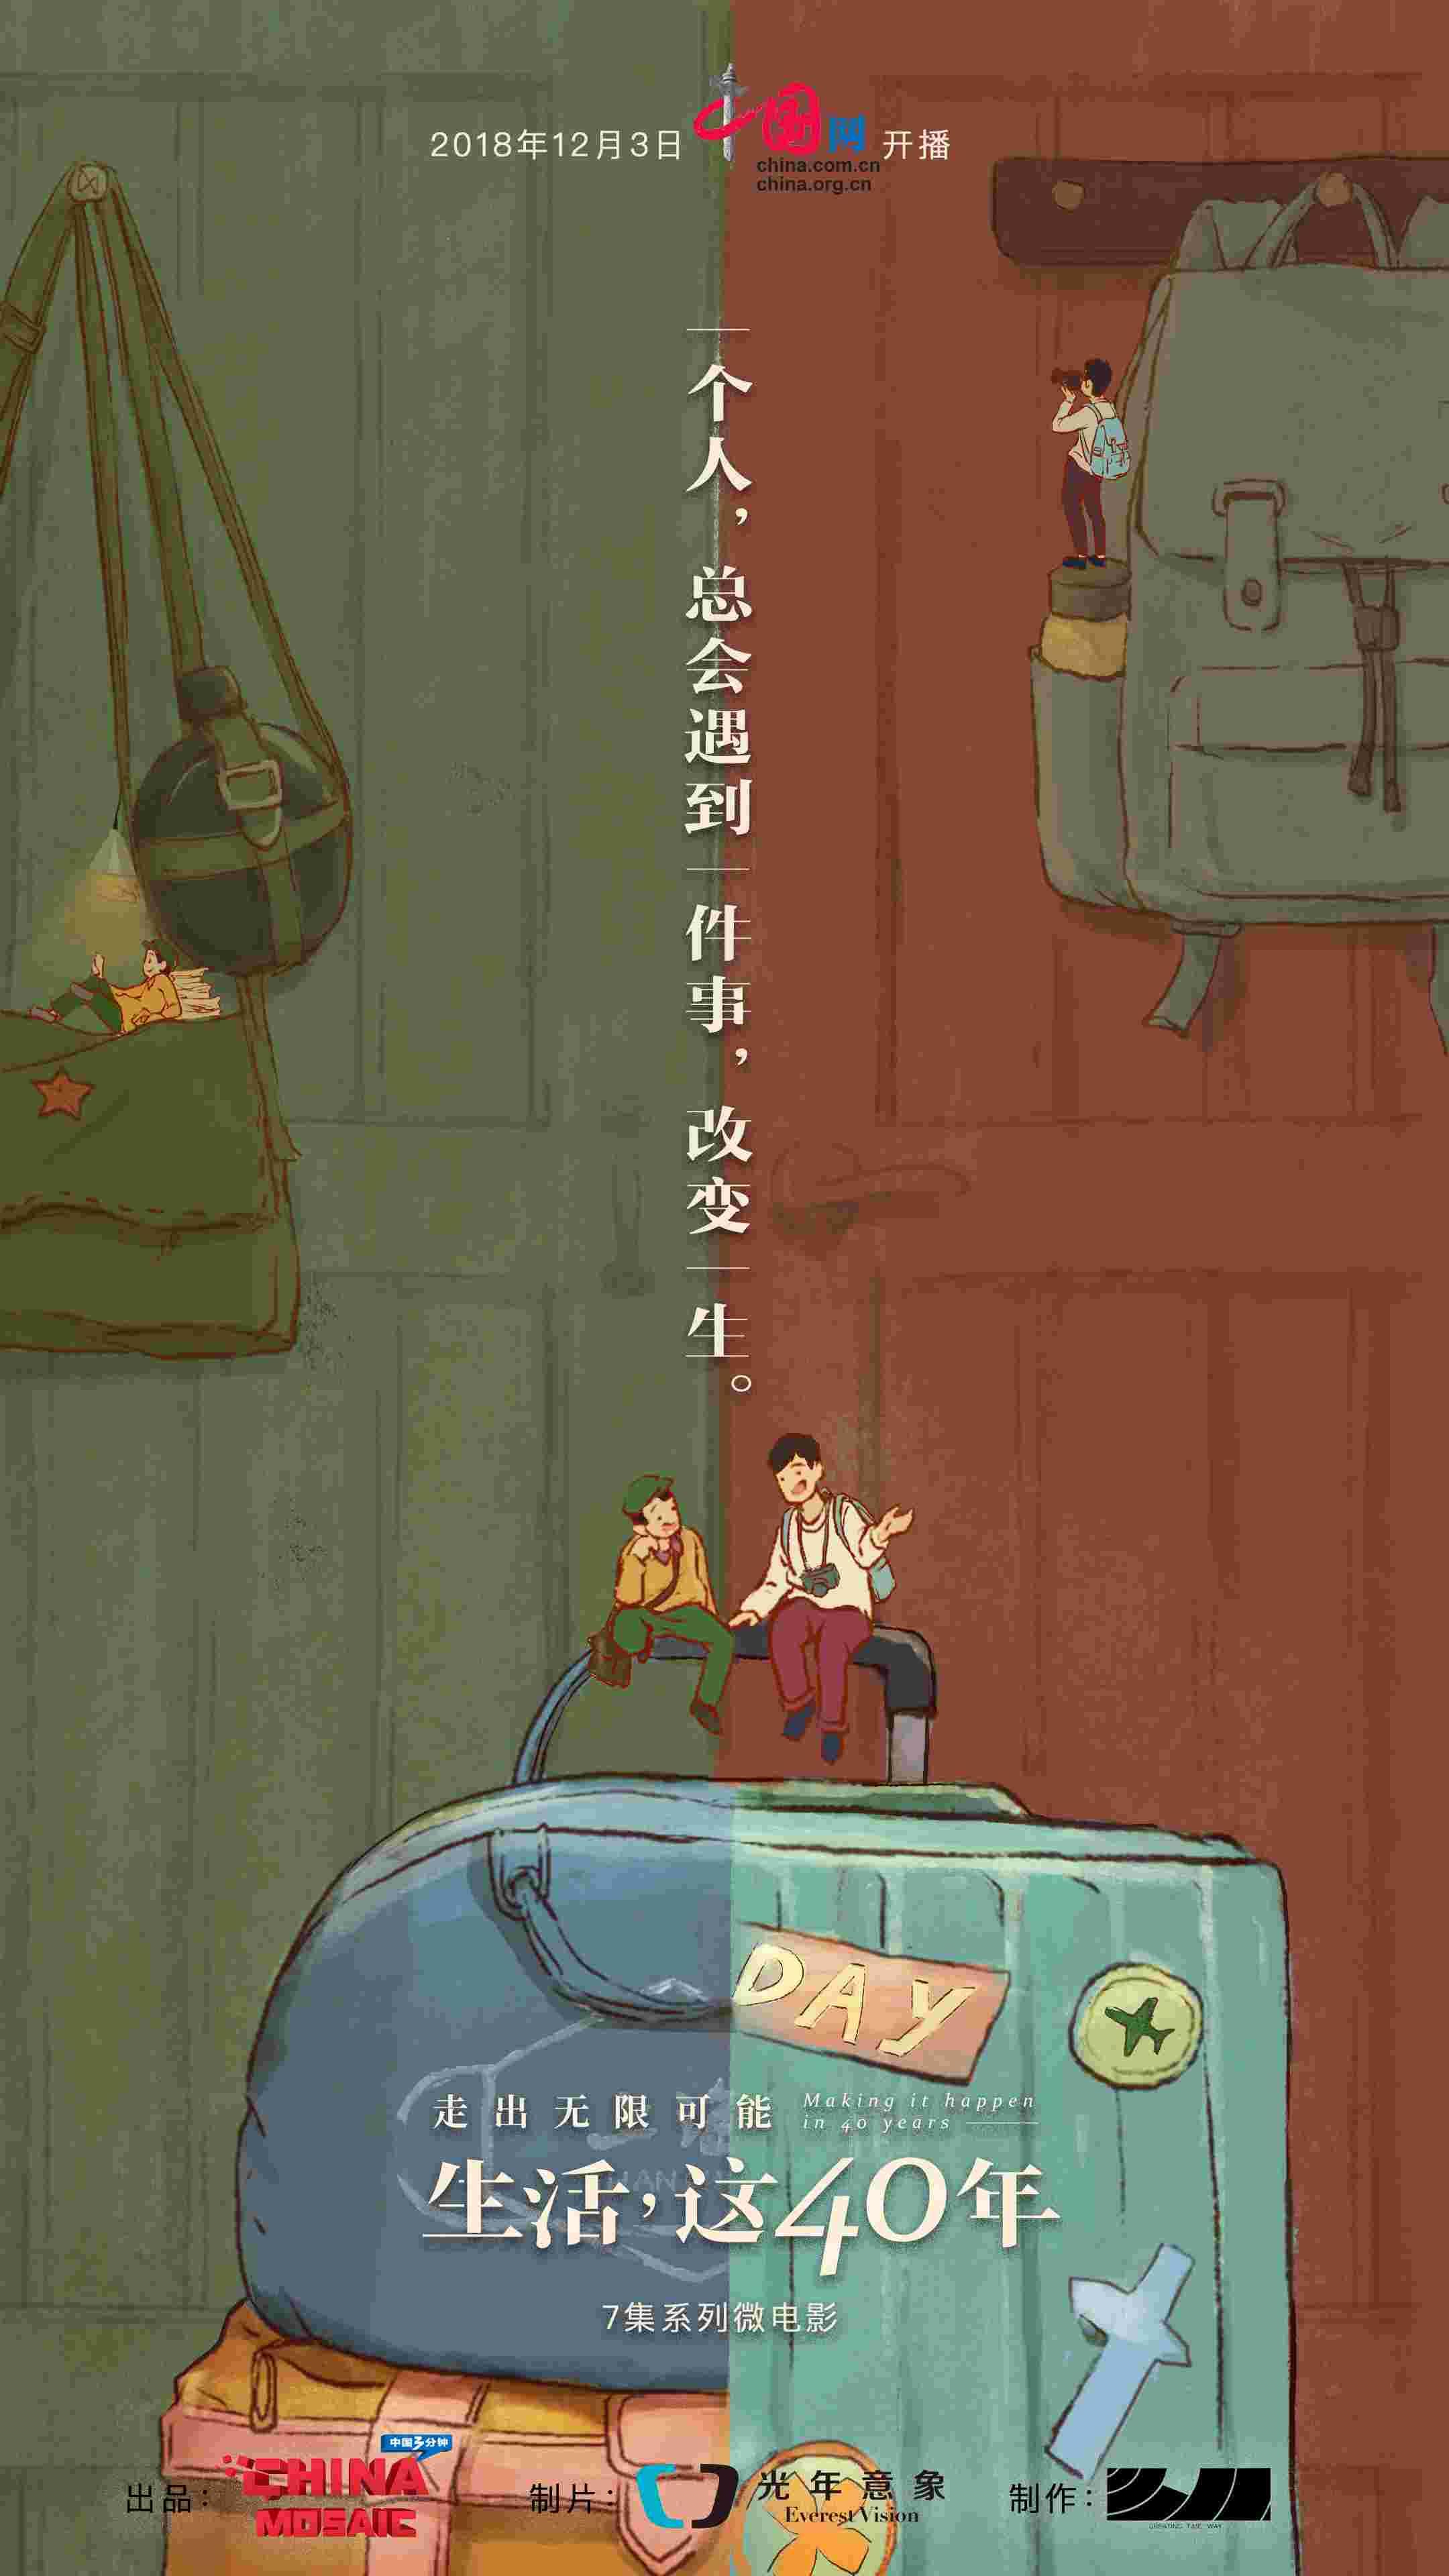 中国网《中国3分钟》 (1).jpg